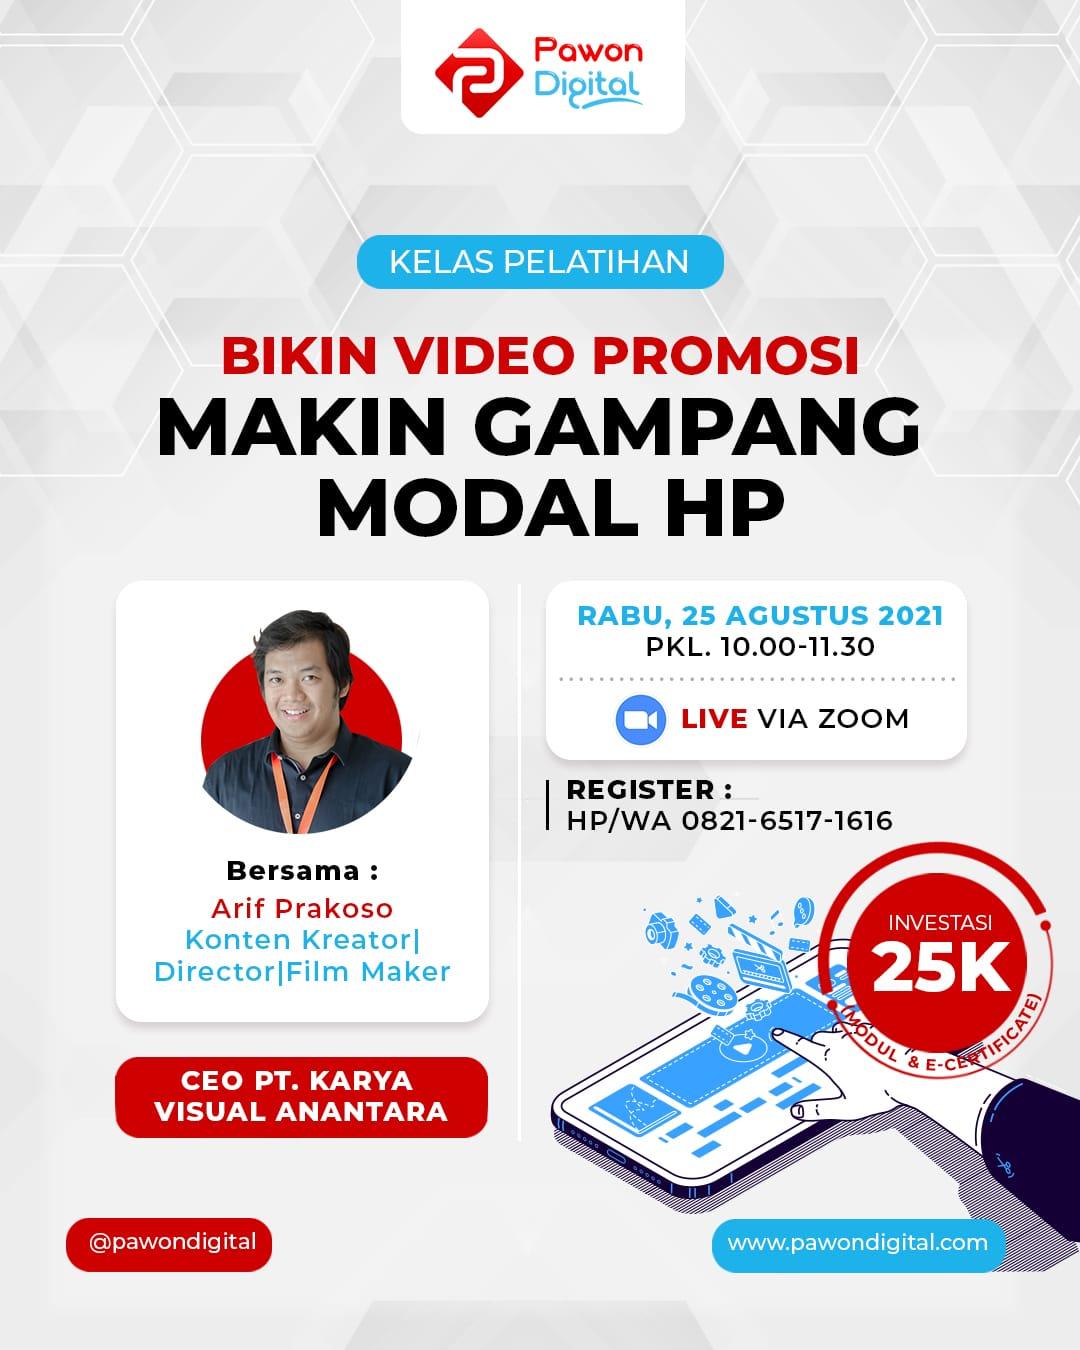 Bikin Video Promosi Makin Gampang Dengan HP